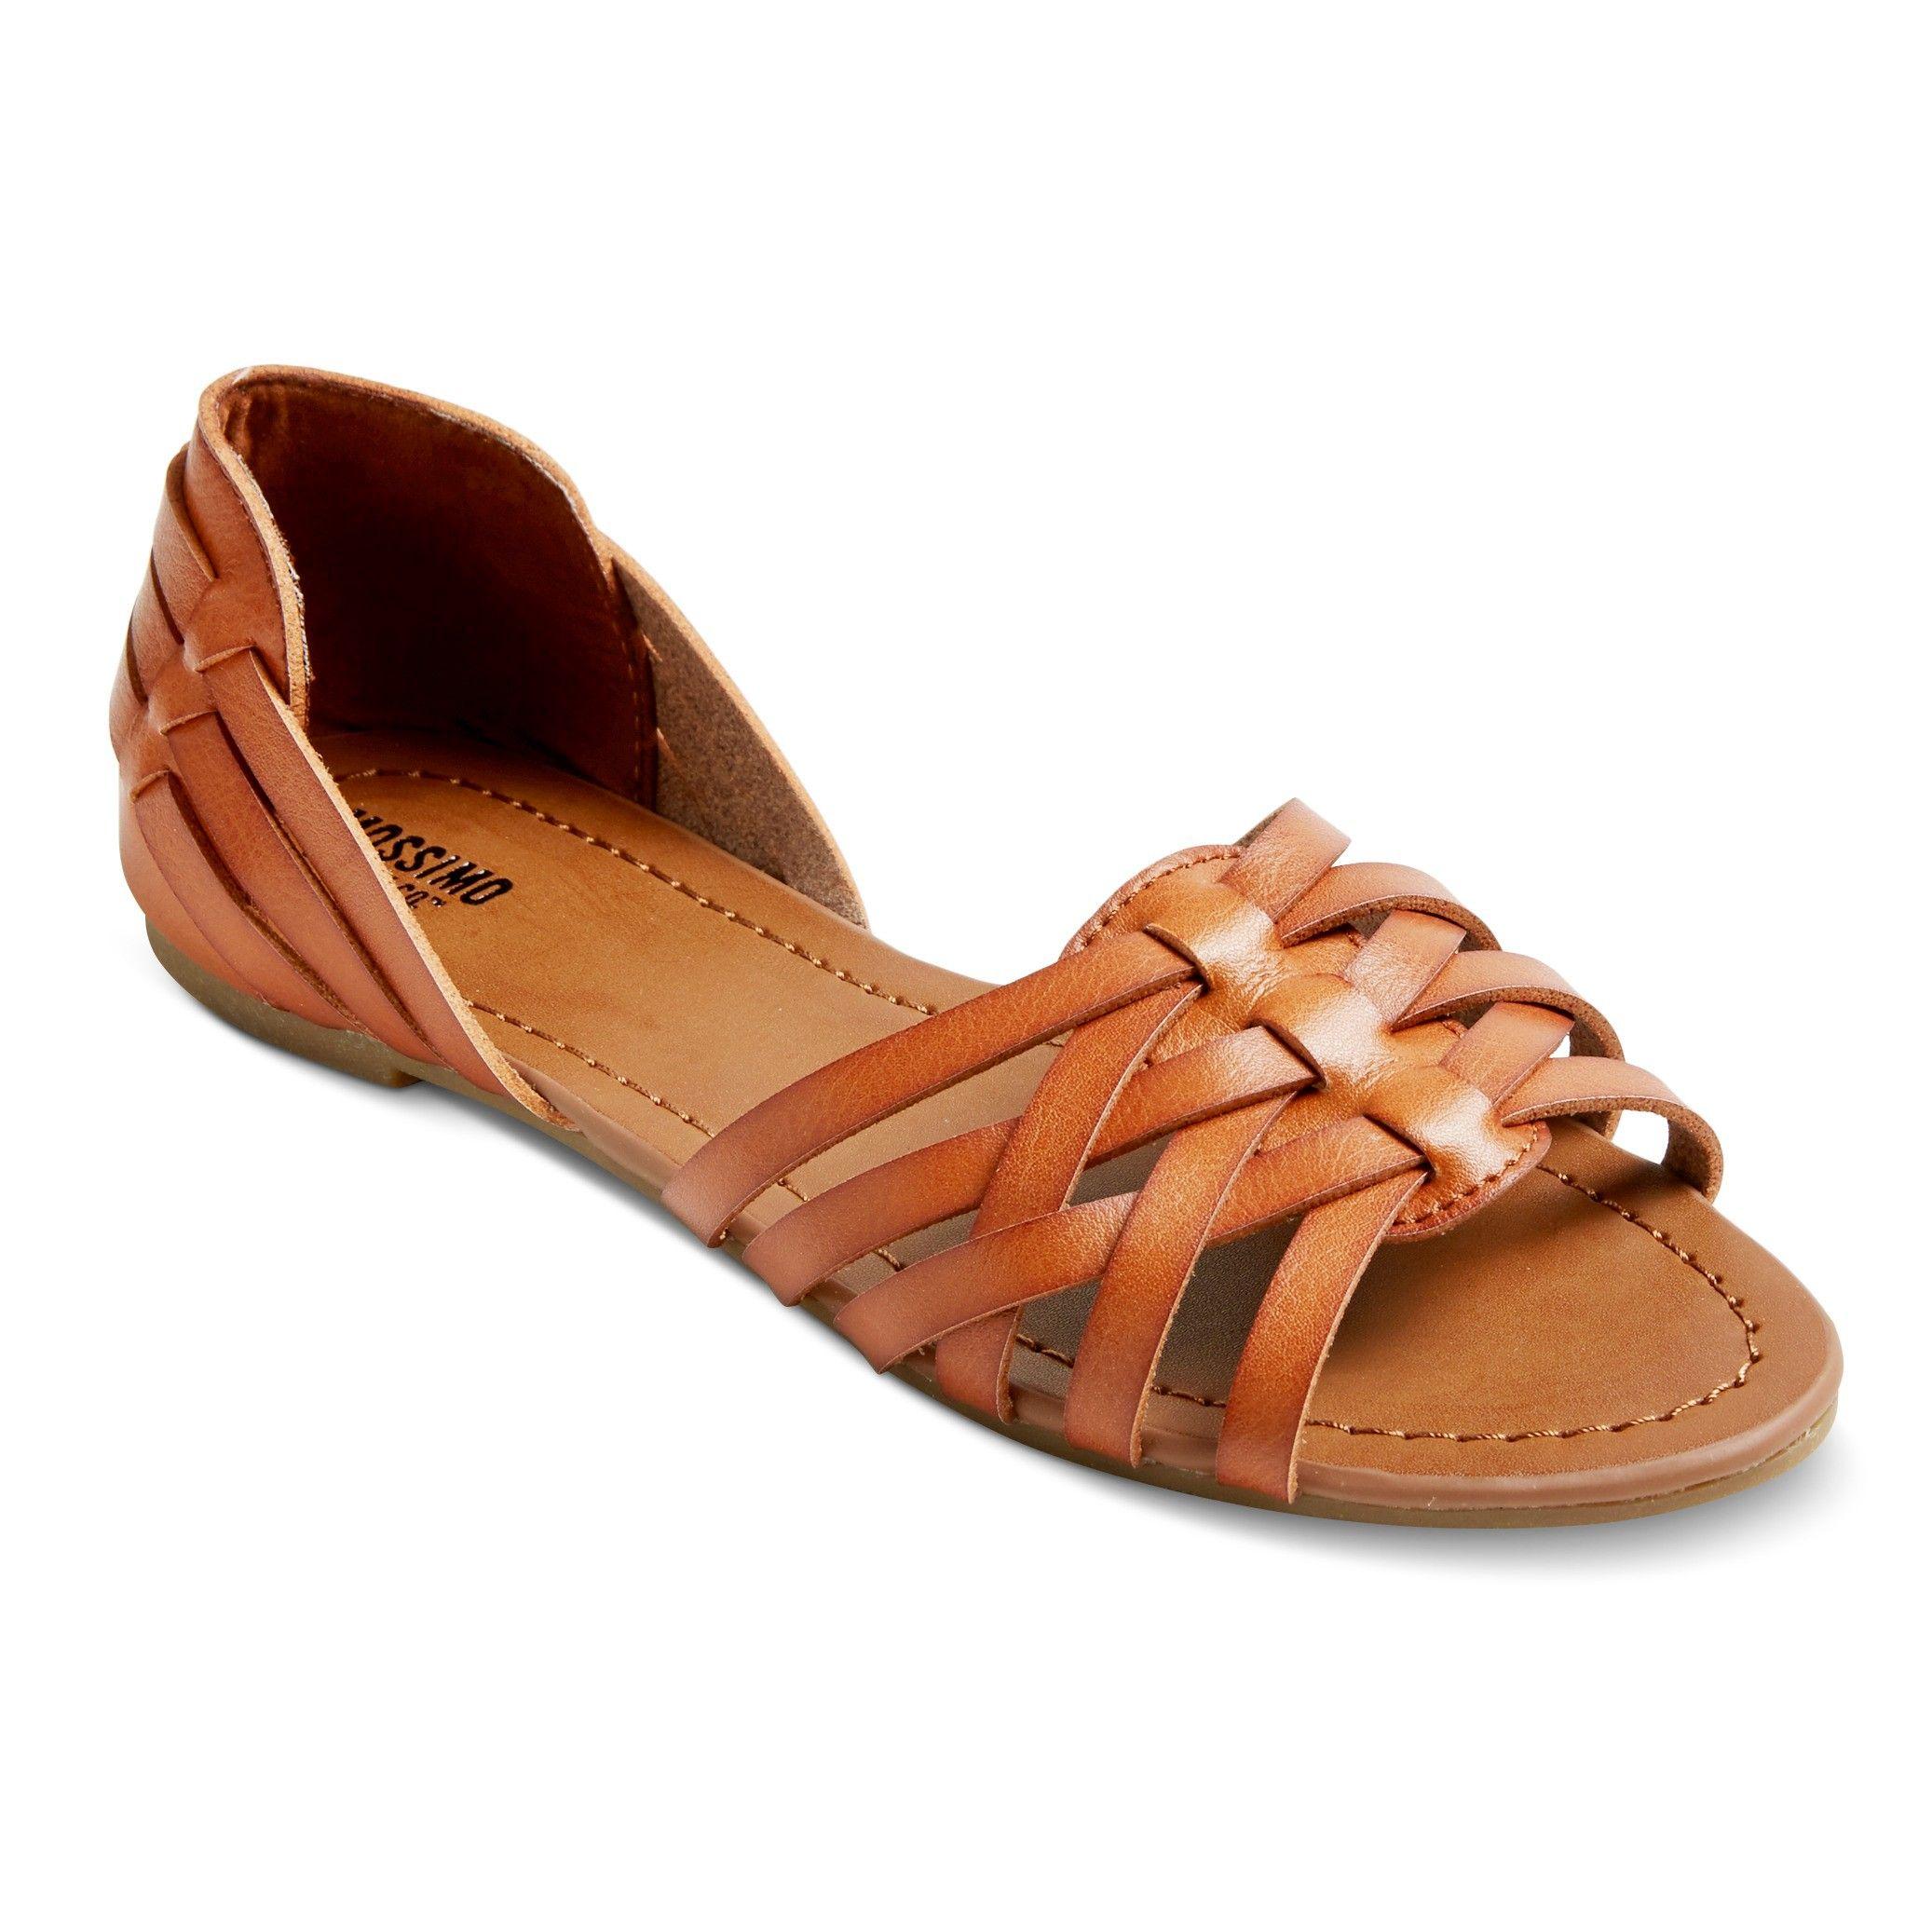 9099e6d9df1a Women s Gena Huarache Sandals